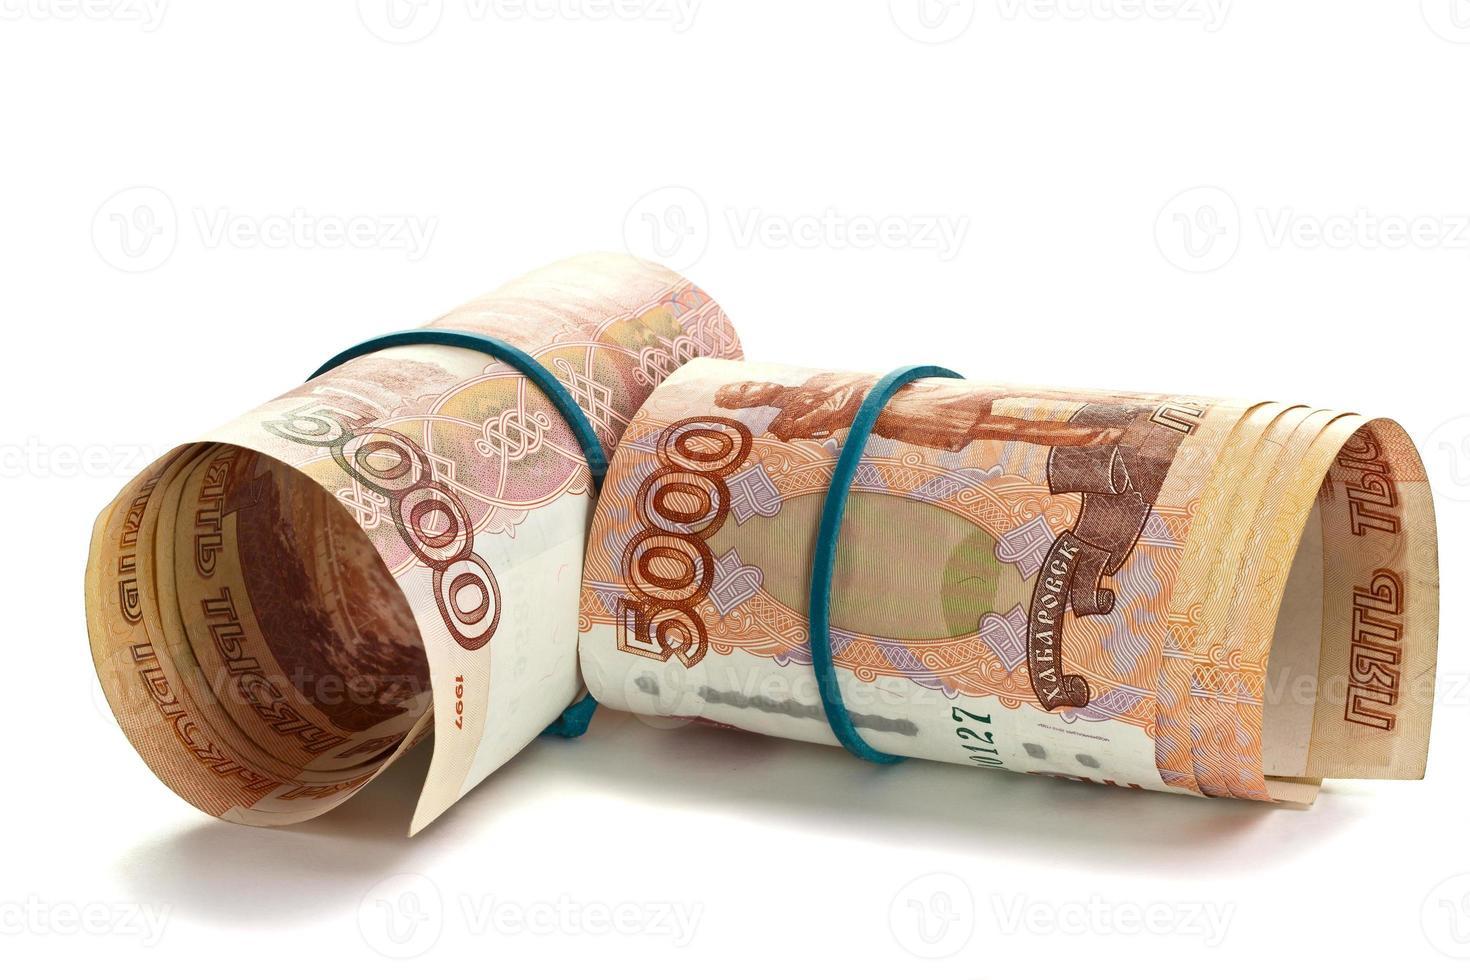 rotolo di soldi russi con elastico foto